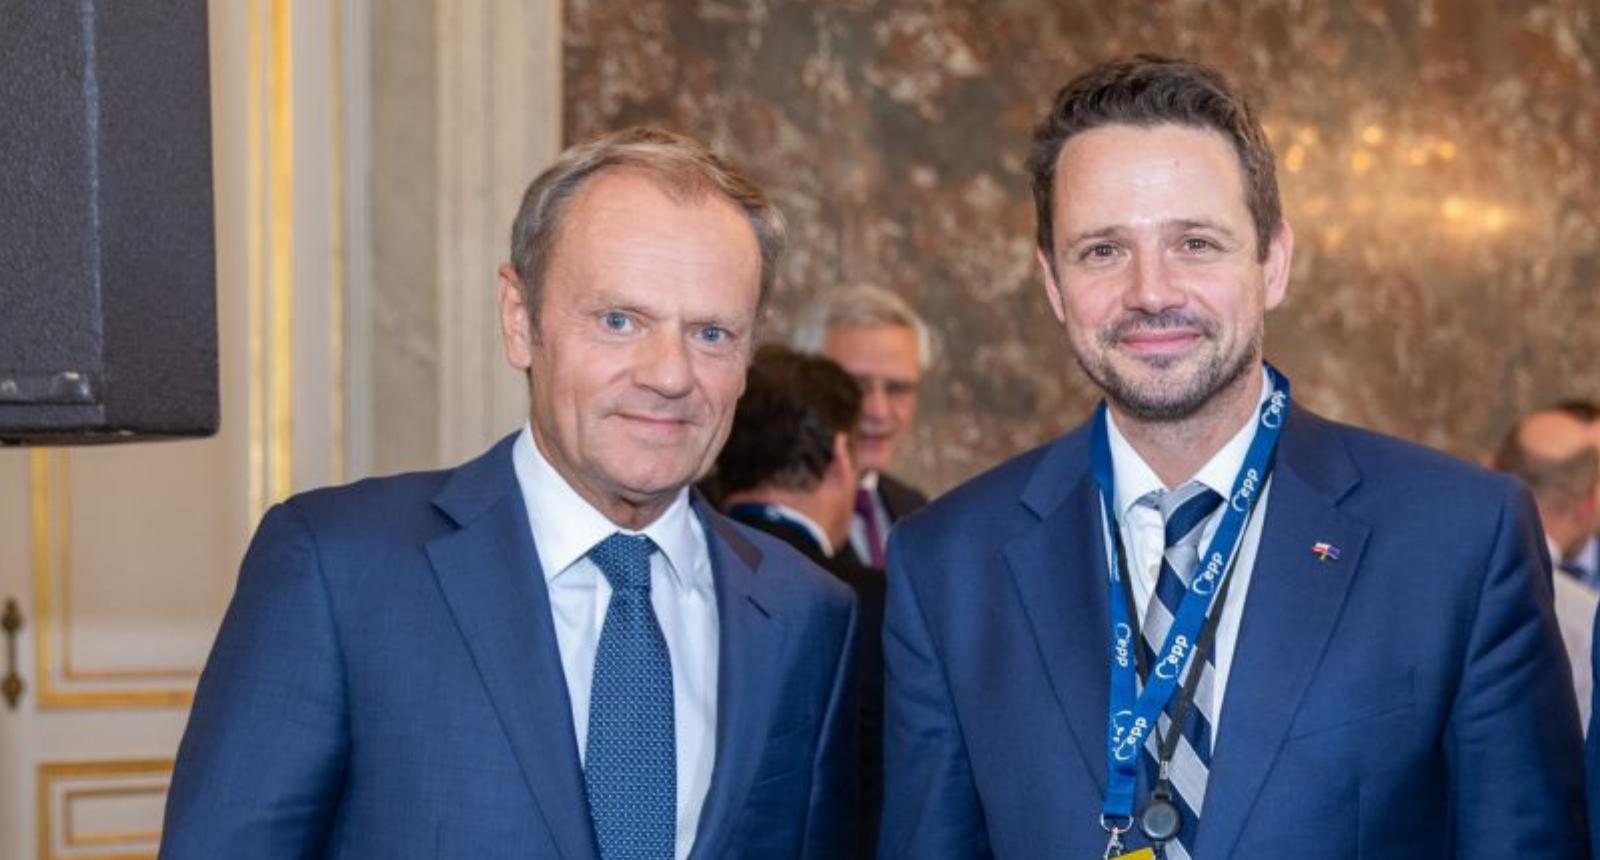 [SONDAŻ] Więcej wyborców zagłosowałoby na PO Trzaskowskiego niż na PO Tuska